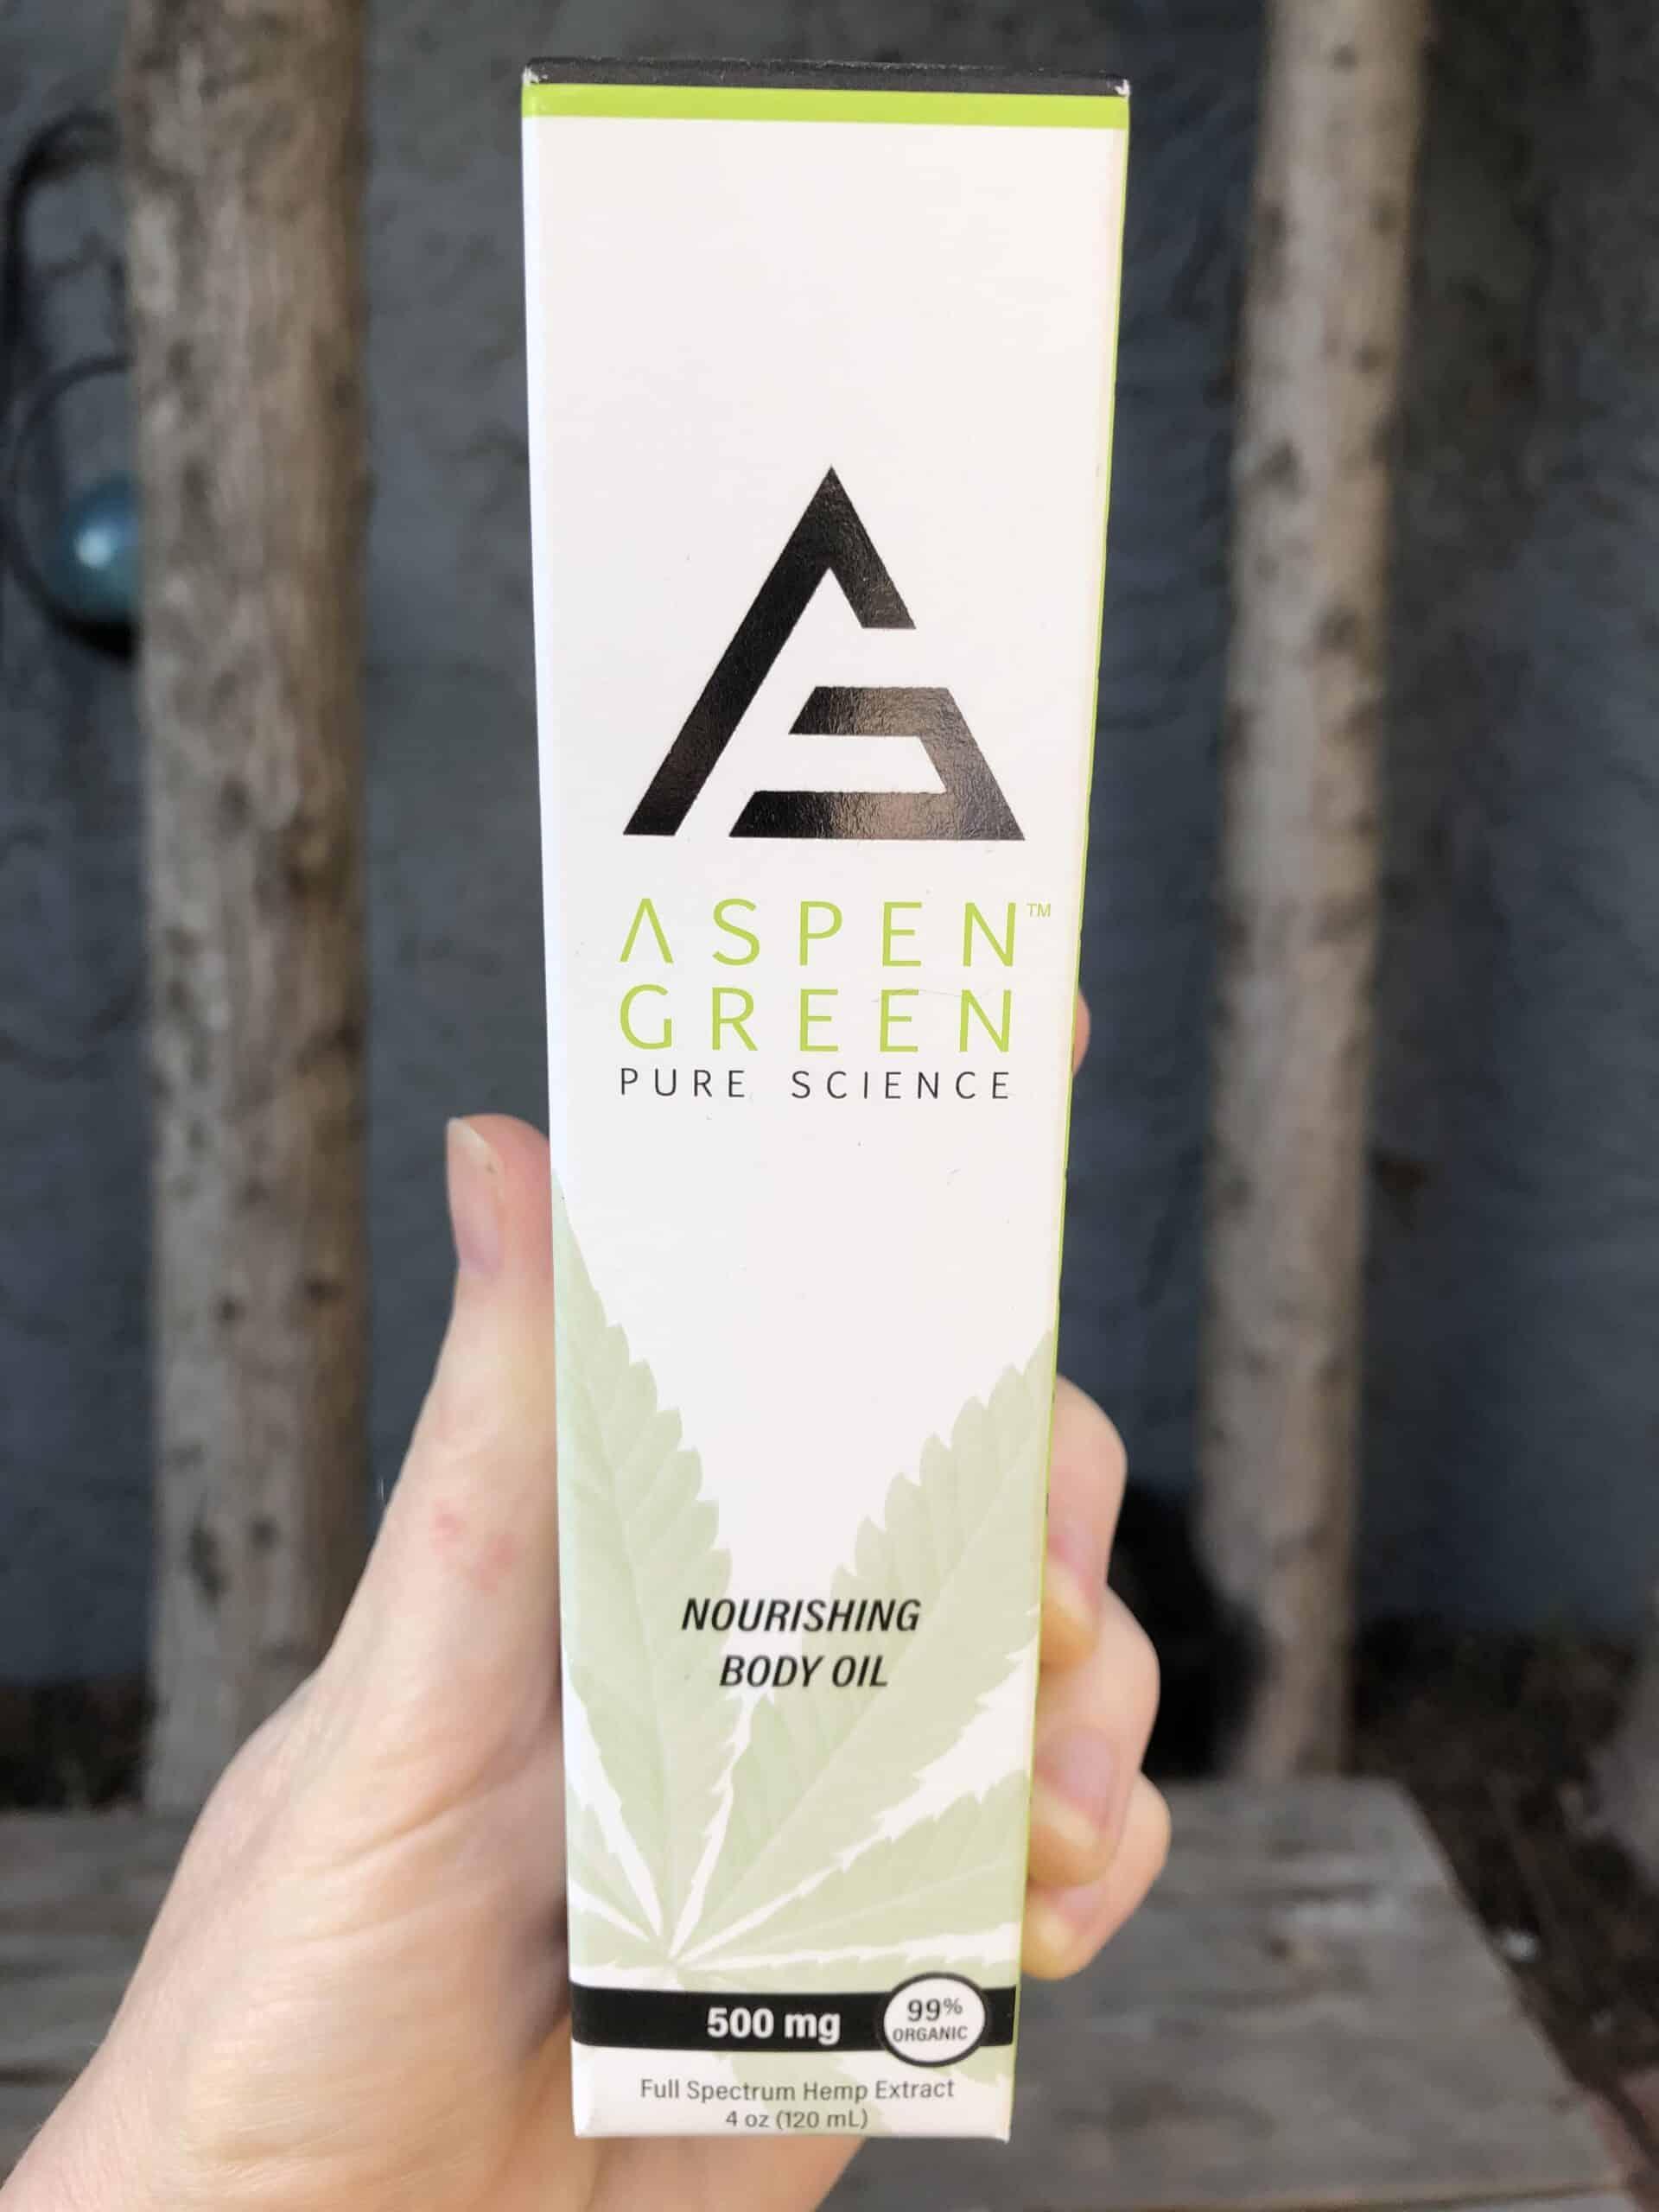 Aspen Green Nourishing Body Oil